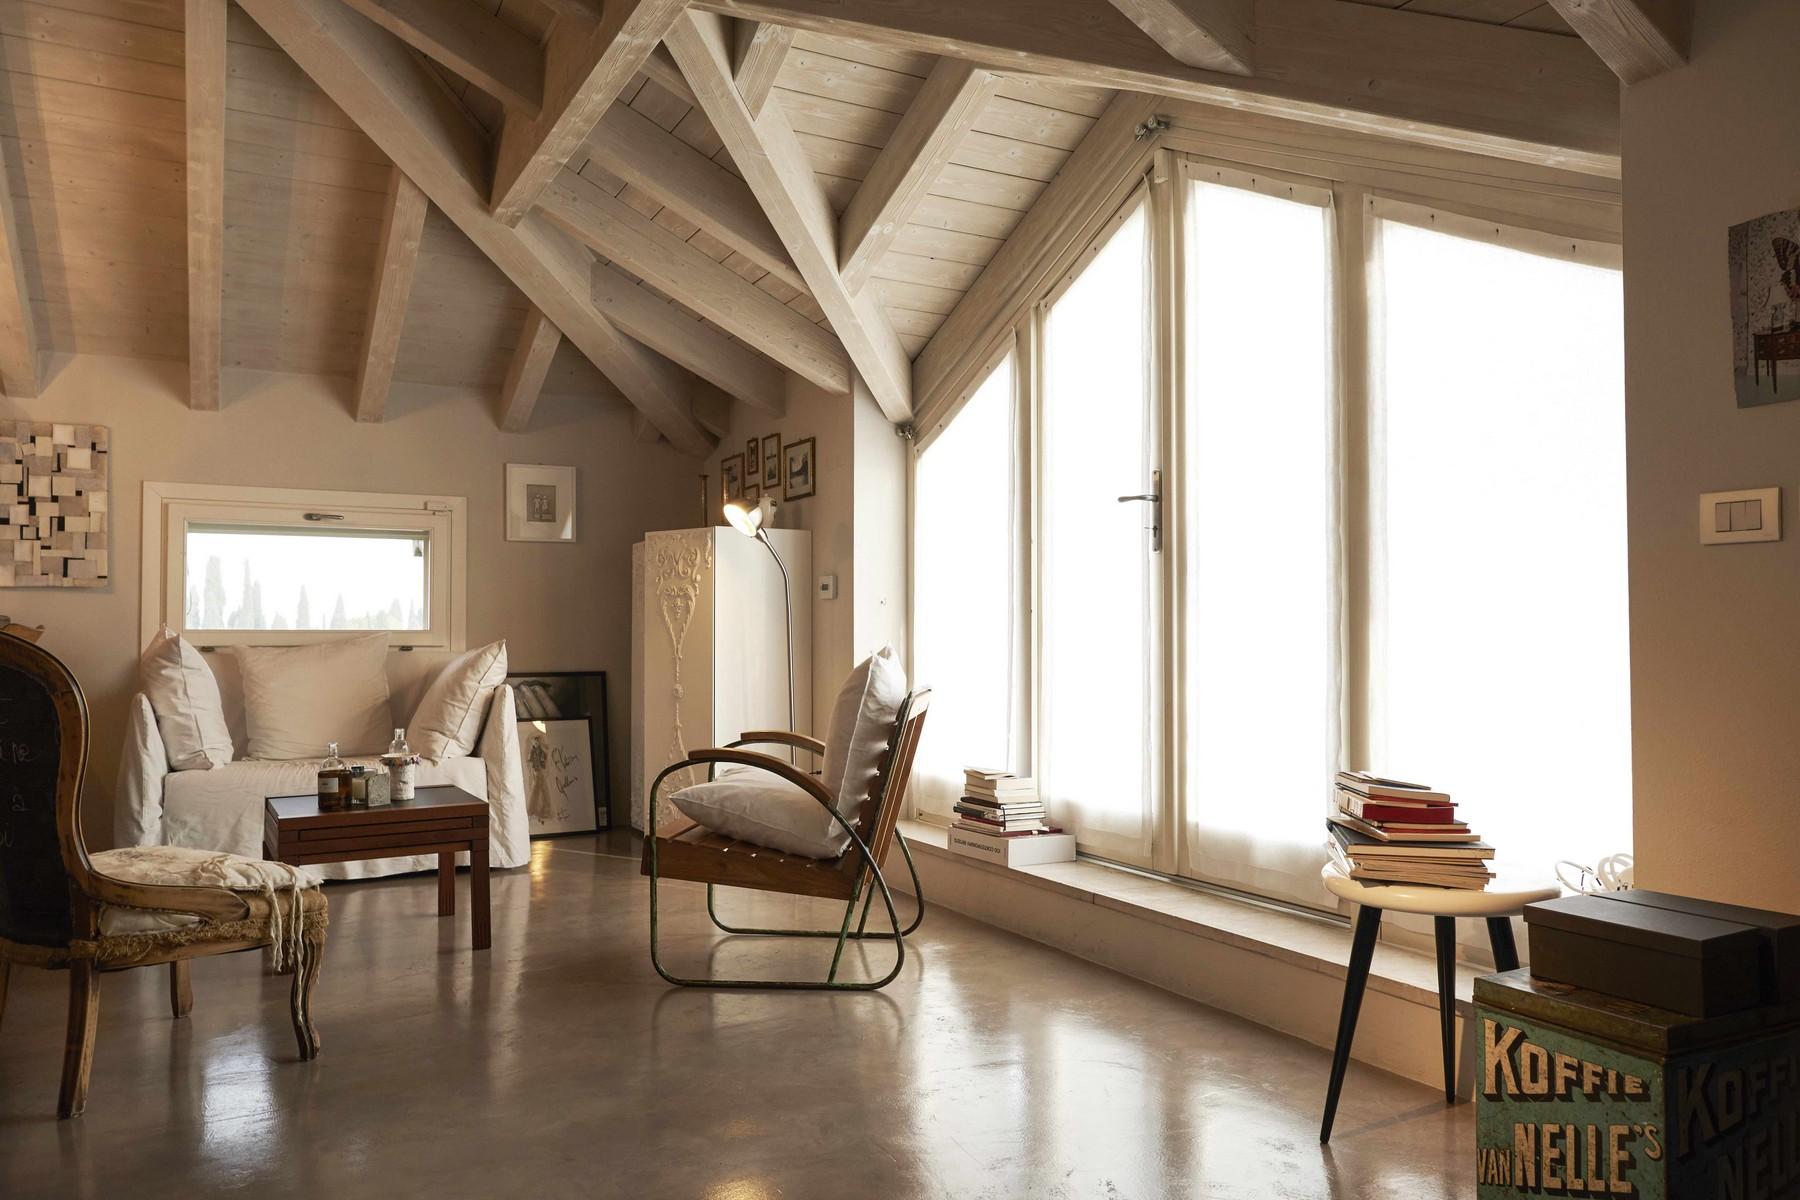 Immobili di lusso a desenzano del garda trovocasa pregio for Interni appartamenti di lusso